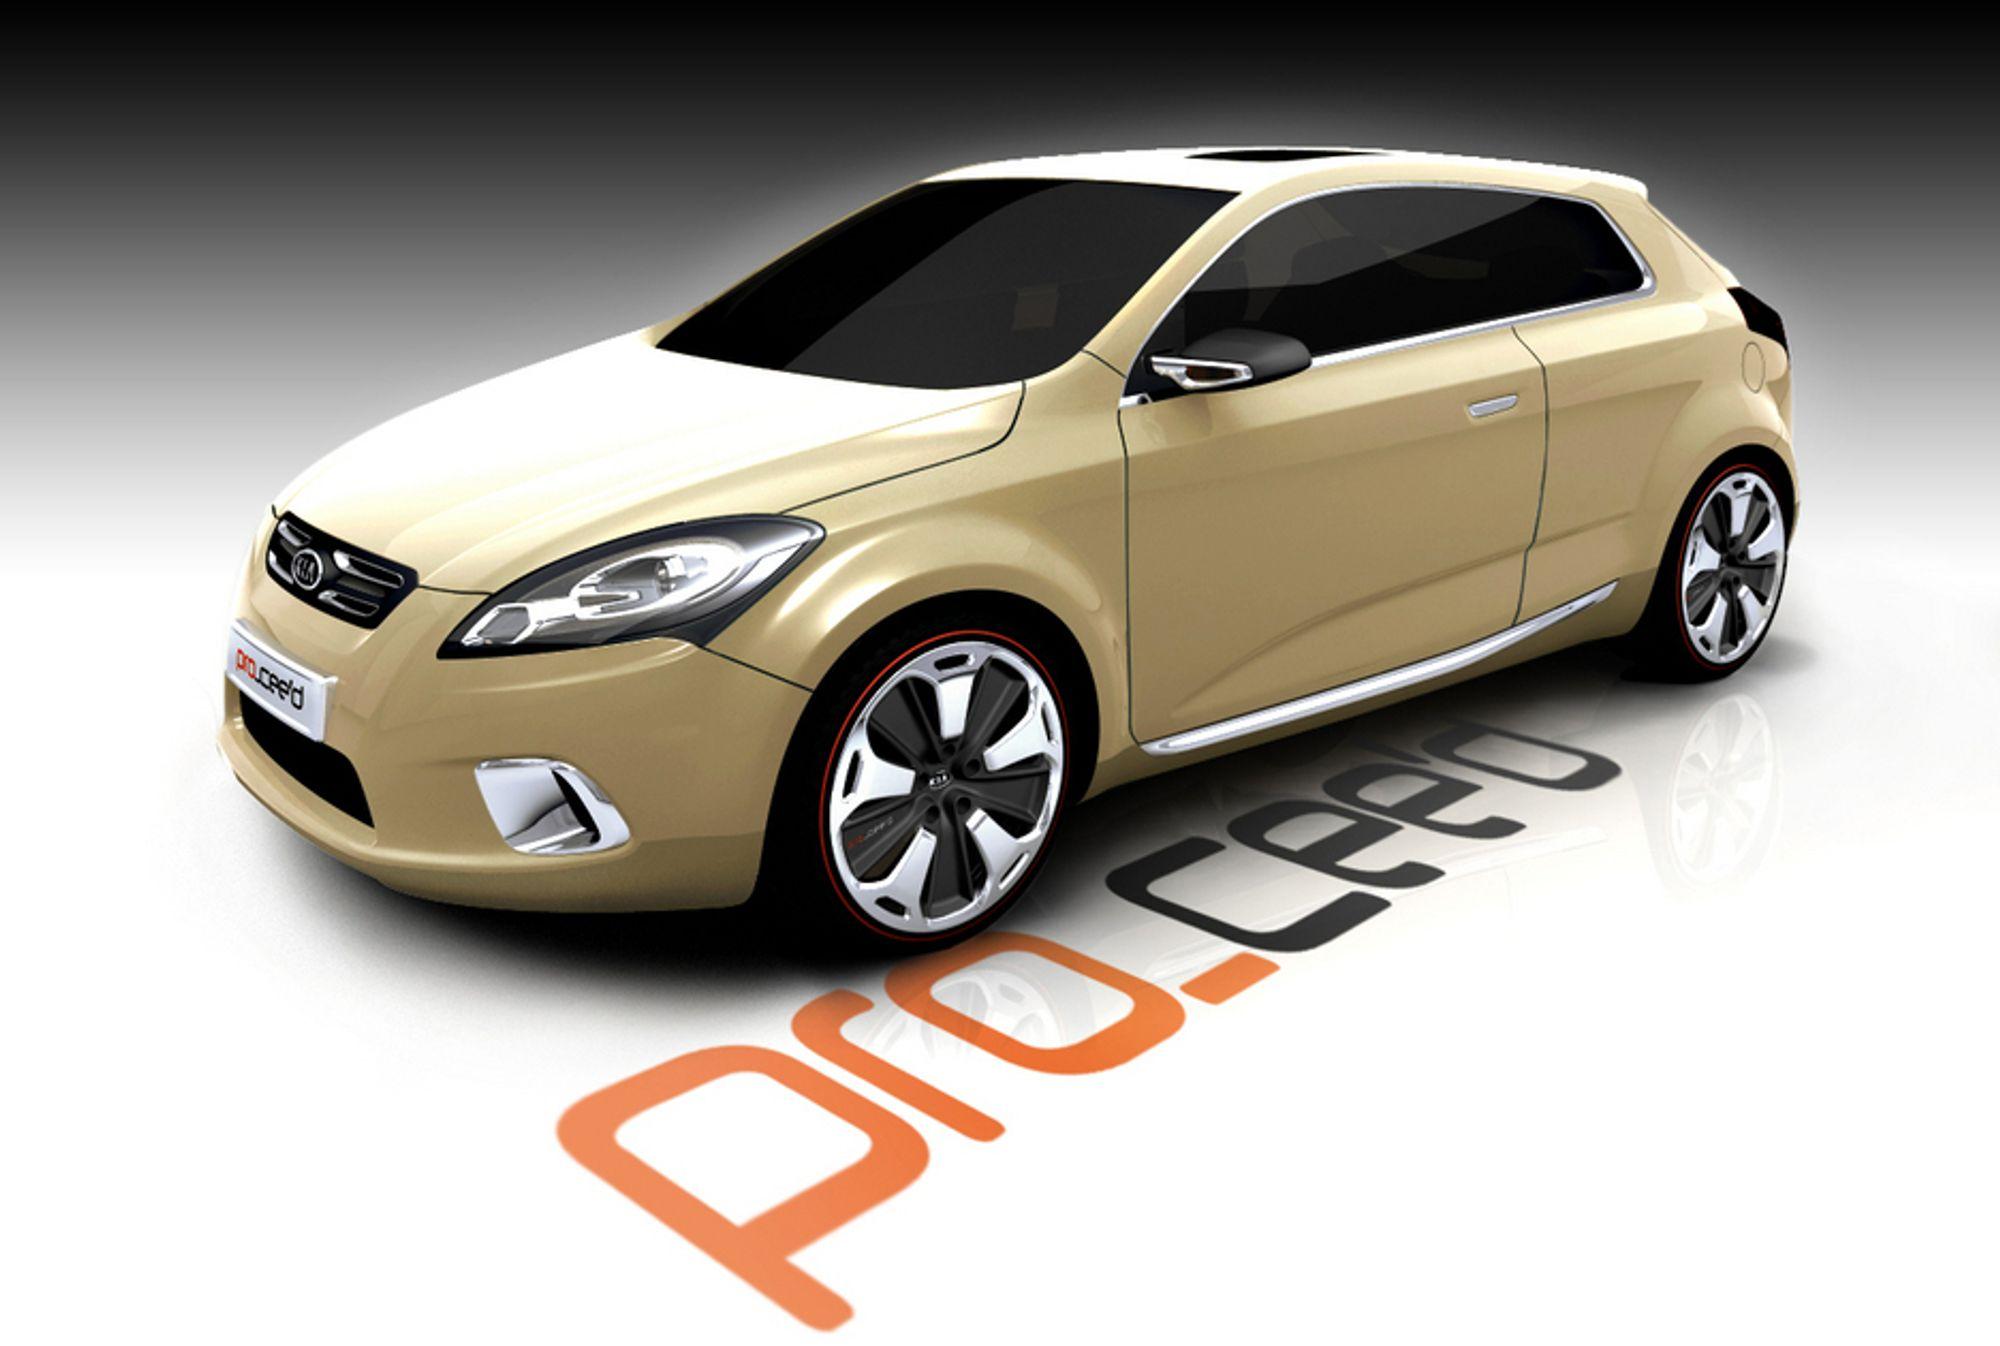 KONSEPT: Har Kia latt seg overtale av markedsavdelingen i utformingen av pro_ceed? Bilen stilles ut i Paris denne uka.